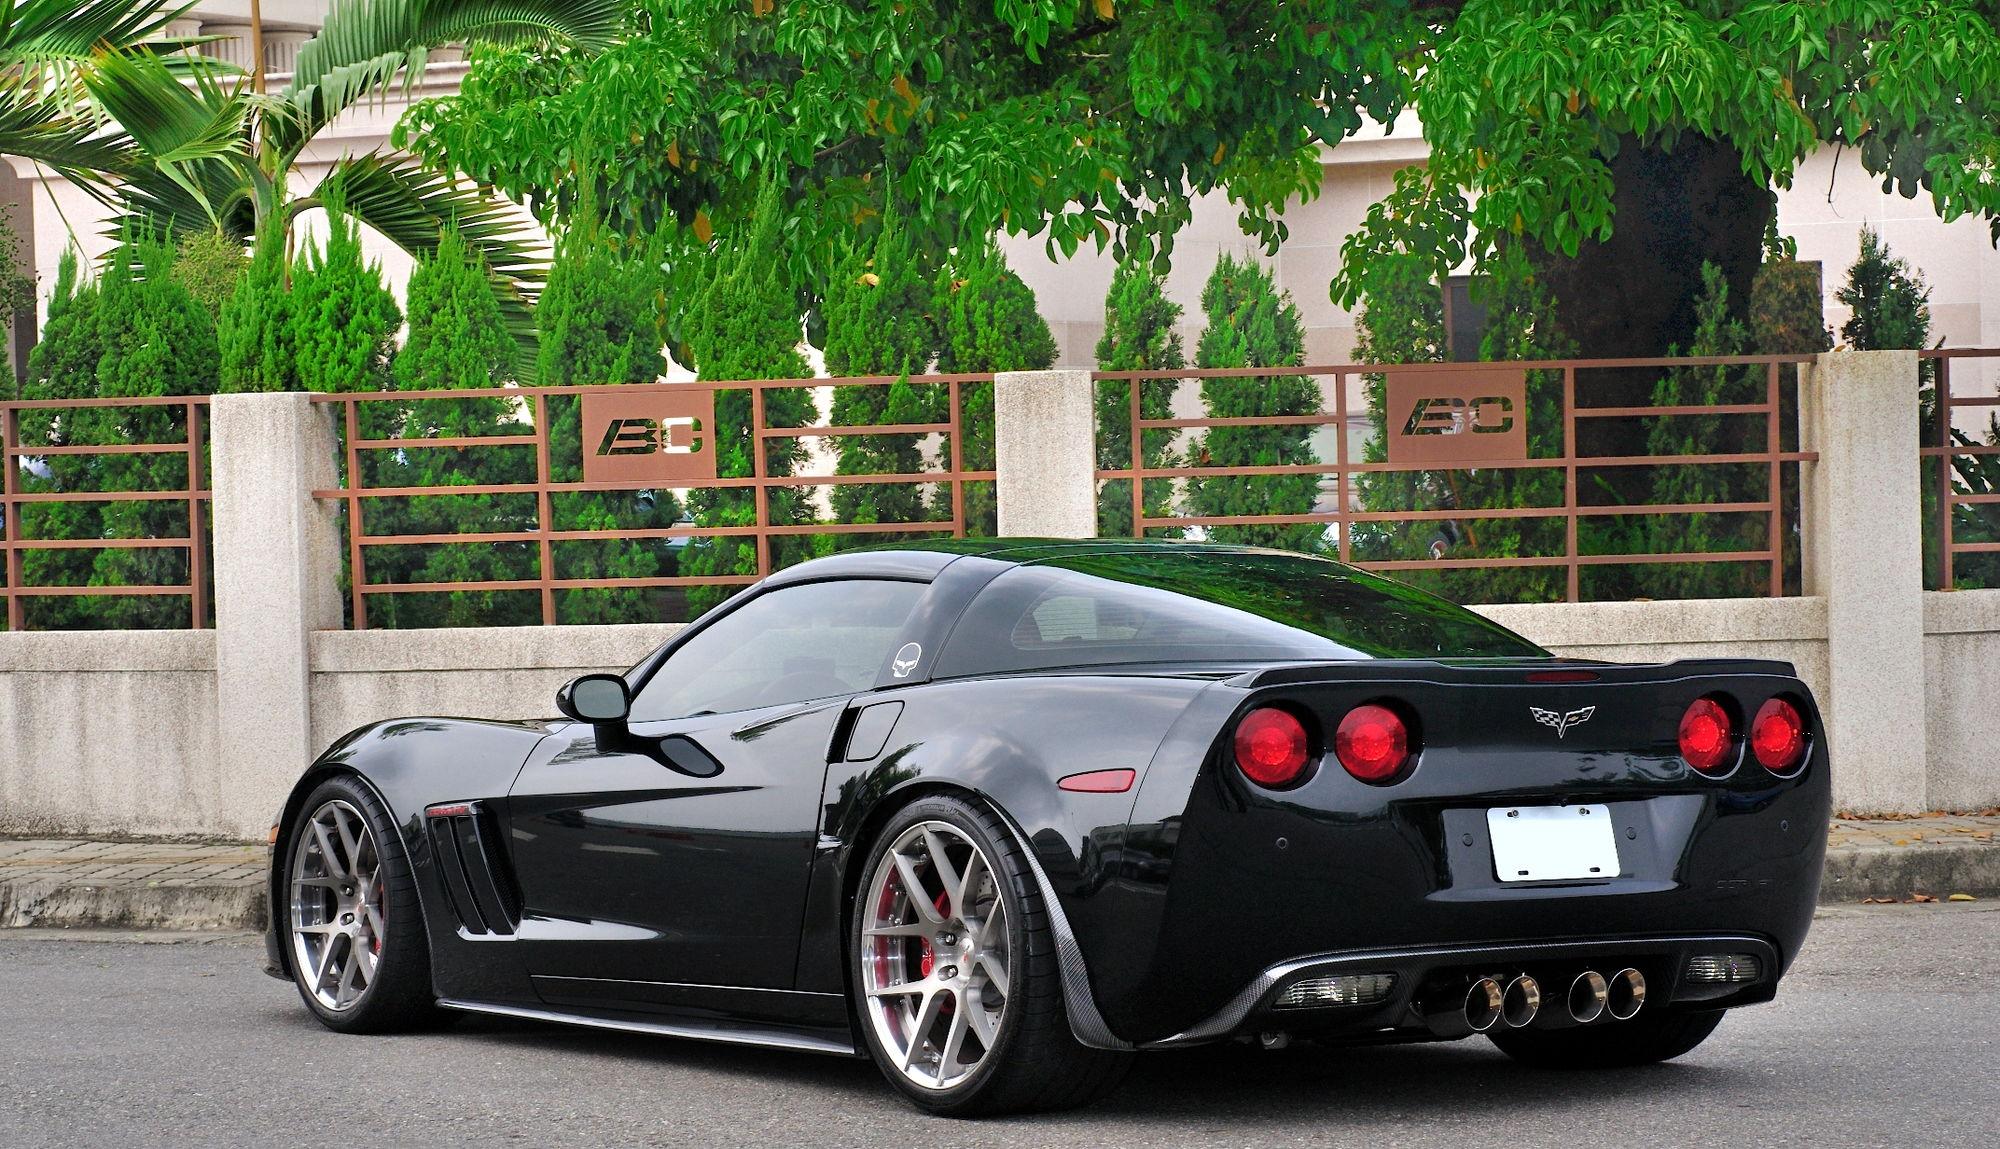 C4 Corvette 20 Inch Rims